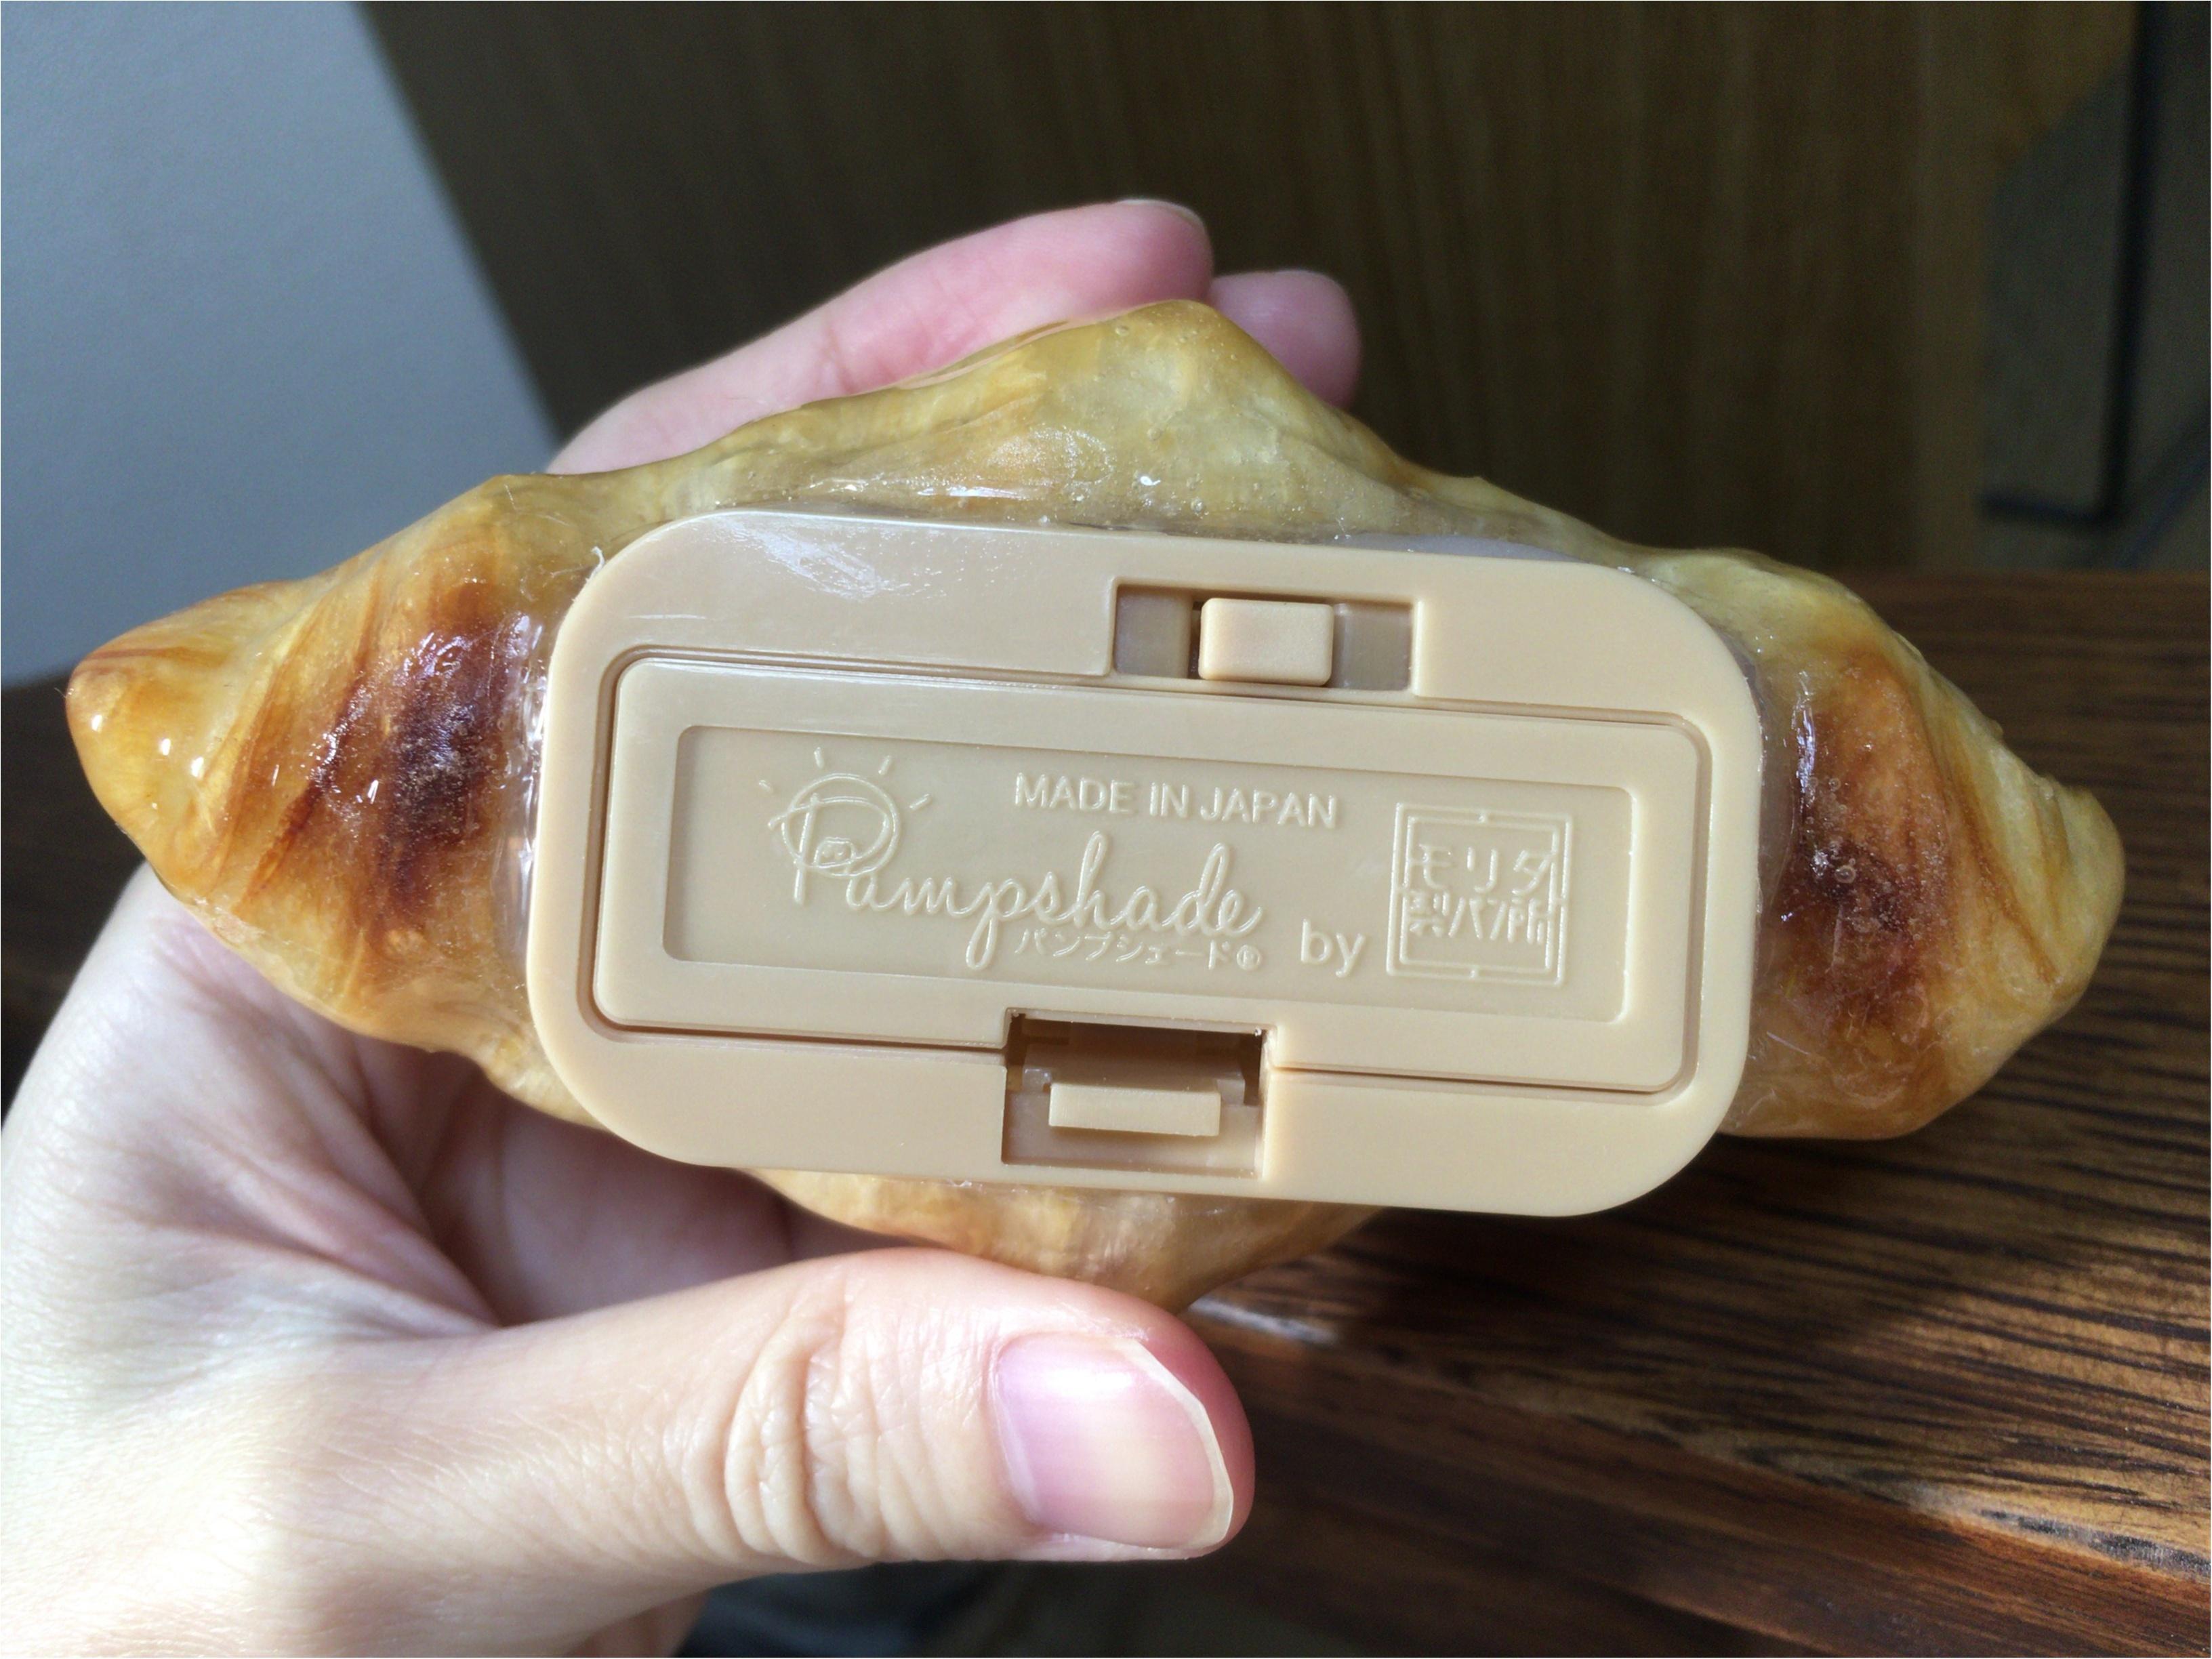 本物のパンでライト?クロワッサンが可愛い《パンプシェード》って何?なインテリア雑貨を見つけました!_6